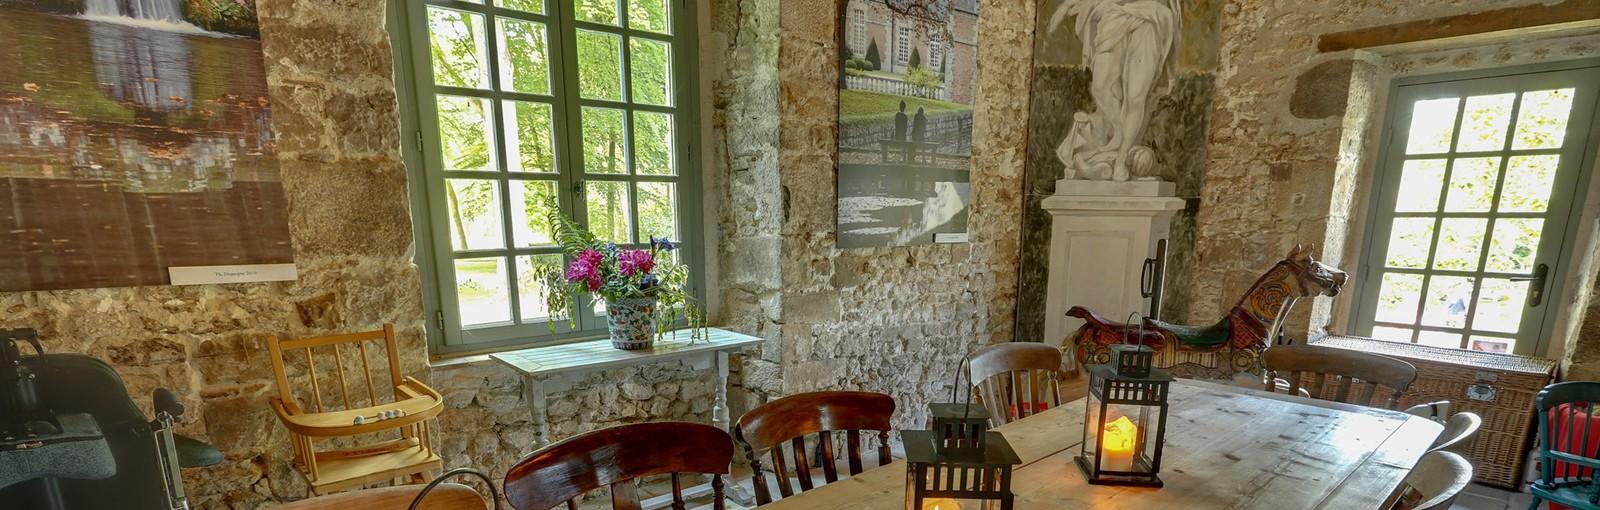 Tours Châteaux, Forêts, villages et Animaux sauvages - Circuits - en itinérance - Nos Séjours et Circuits Privés - En famille ou groupes d'amis